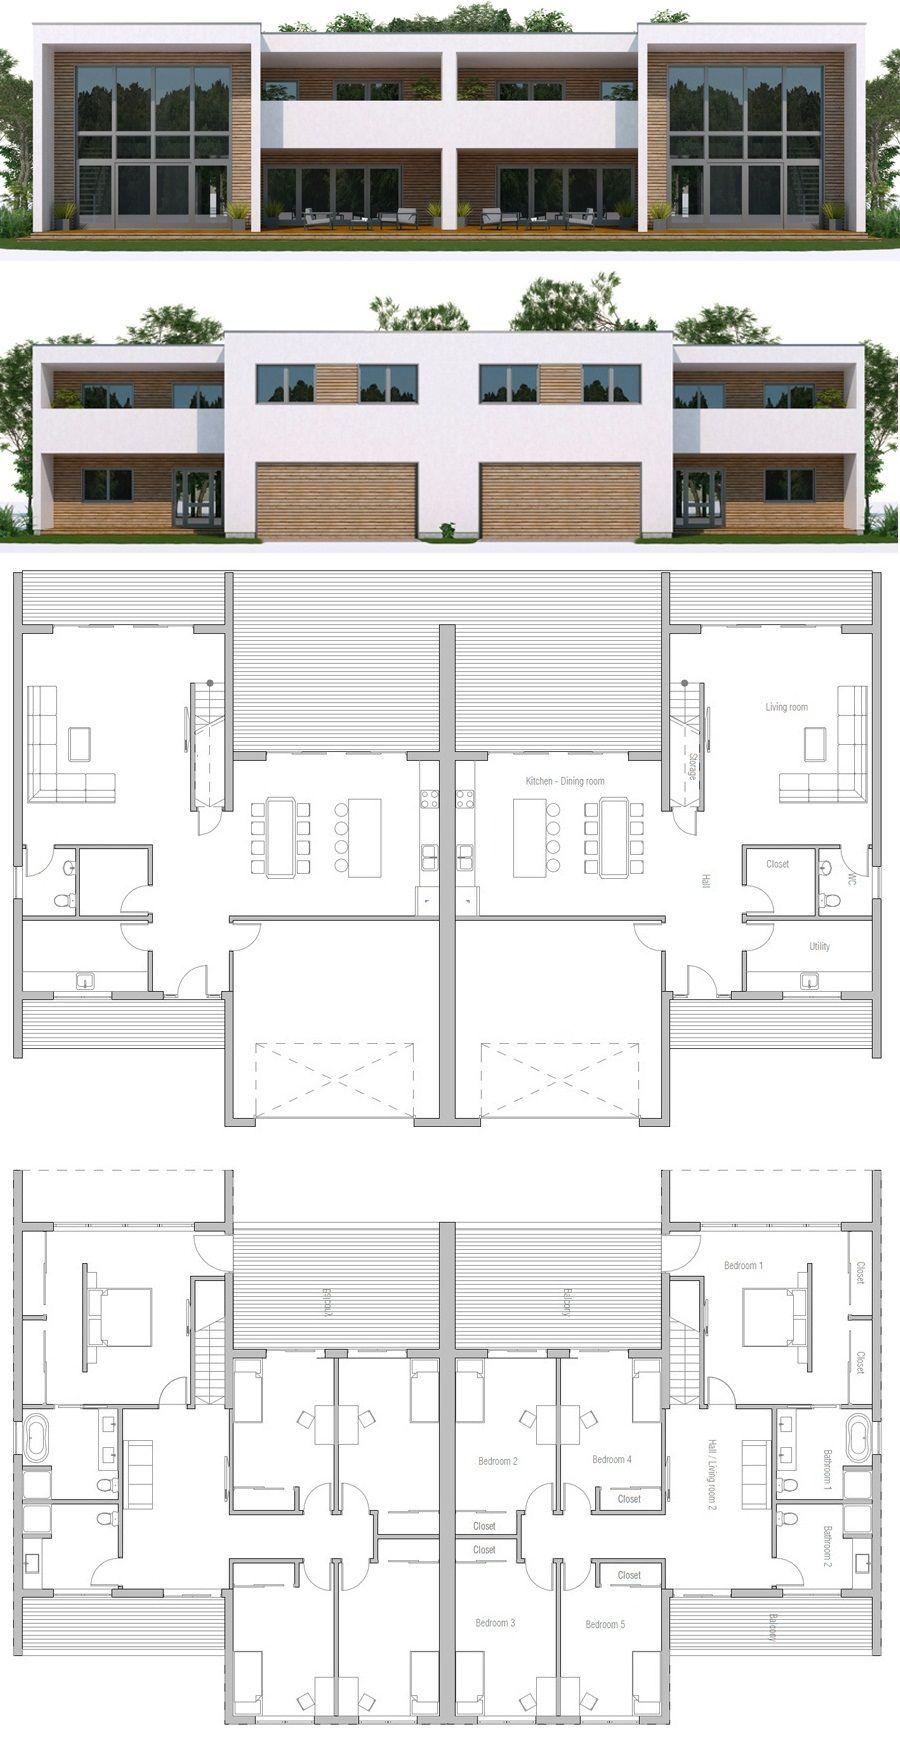 moderne architektur grundrisse. Black Bedroom Furniture Sets. Home Design Ideas